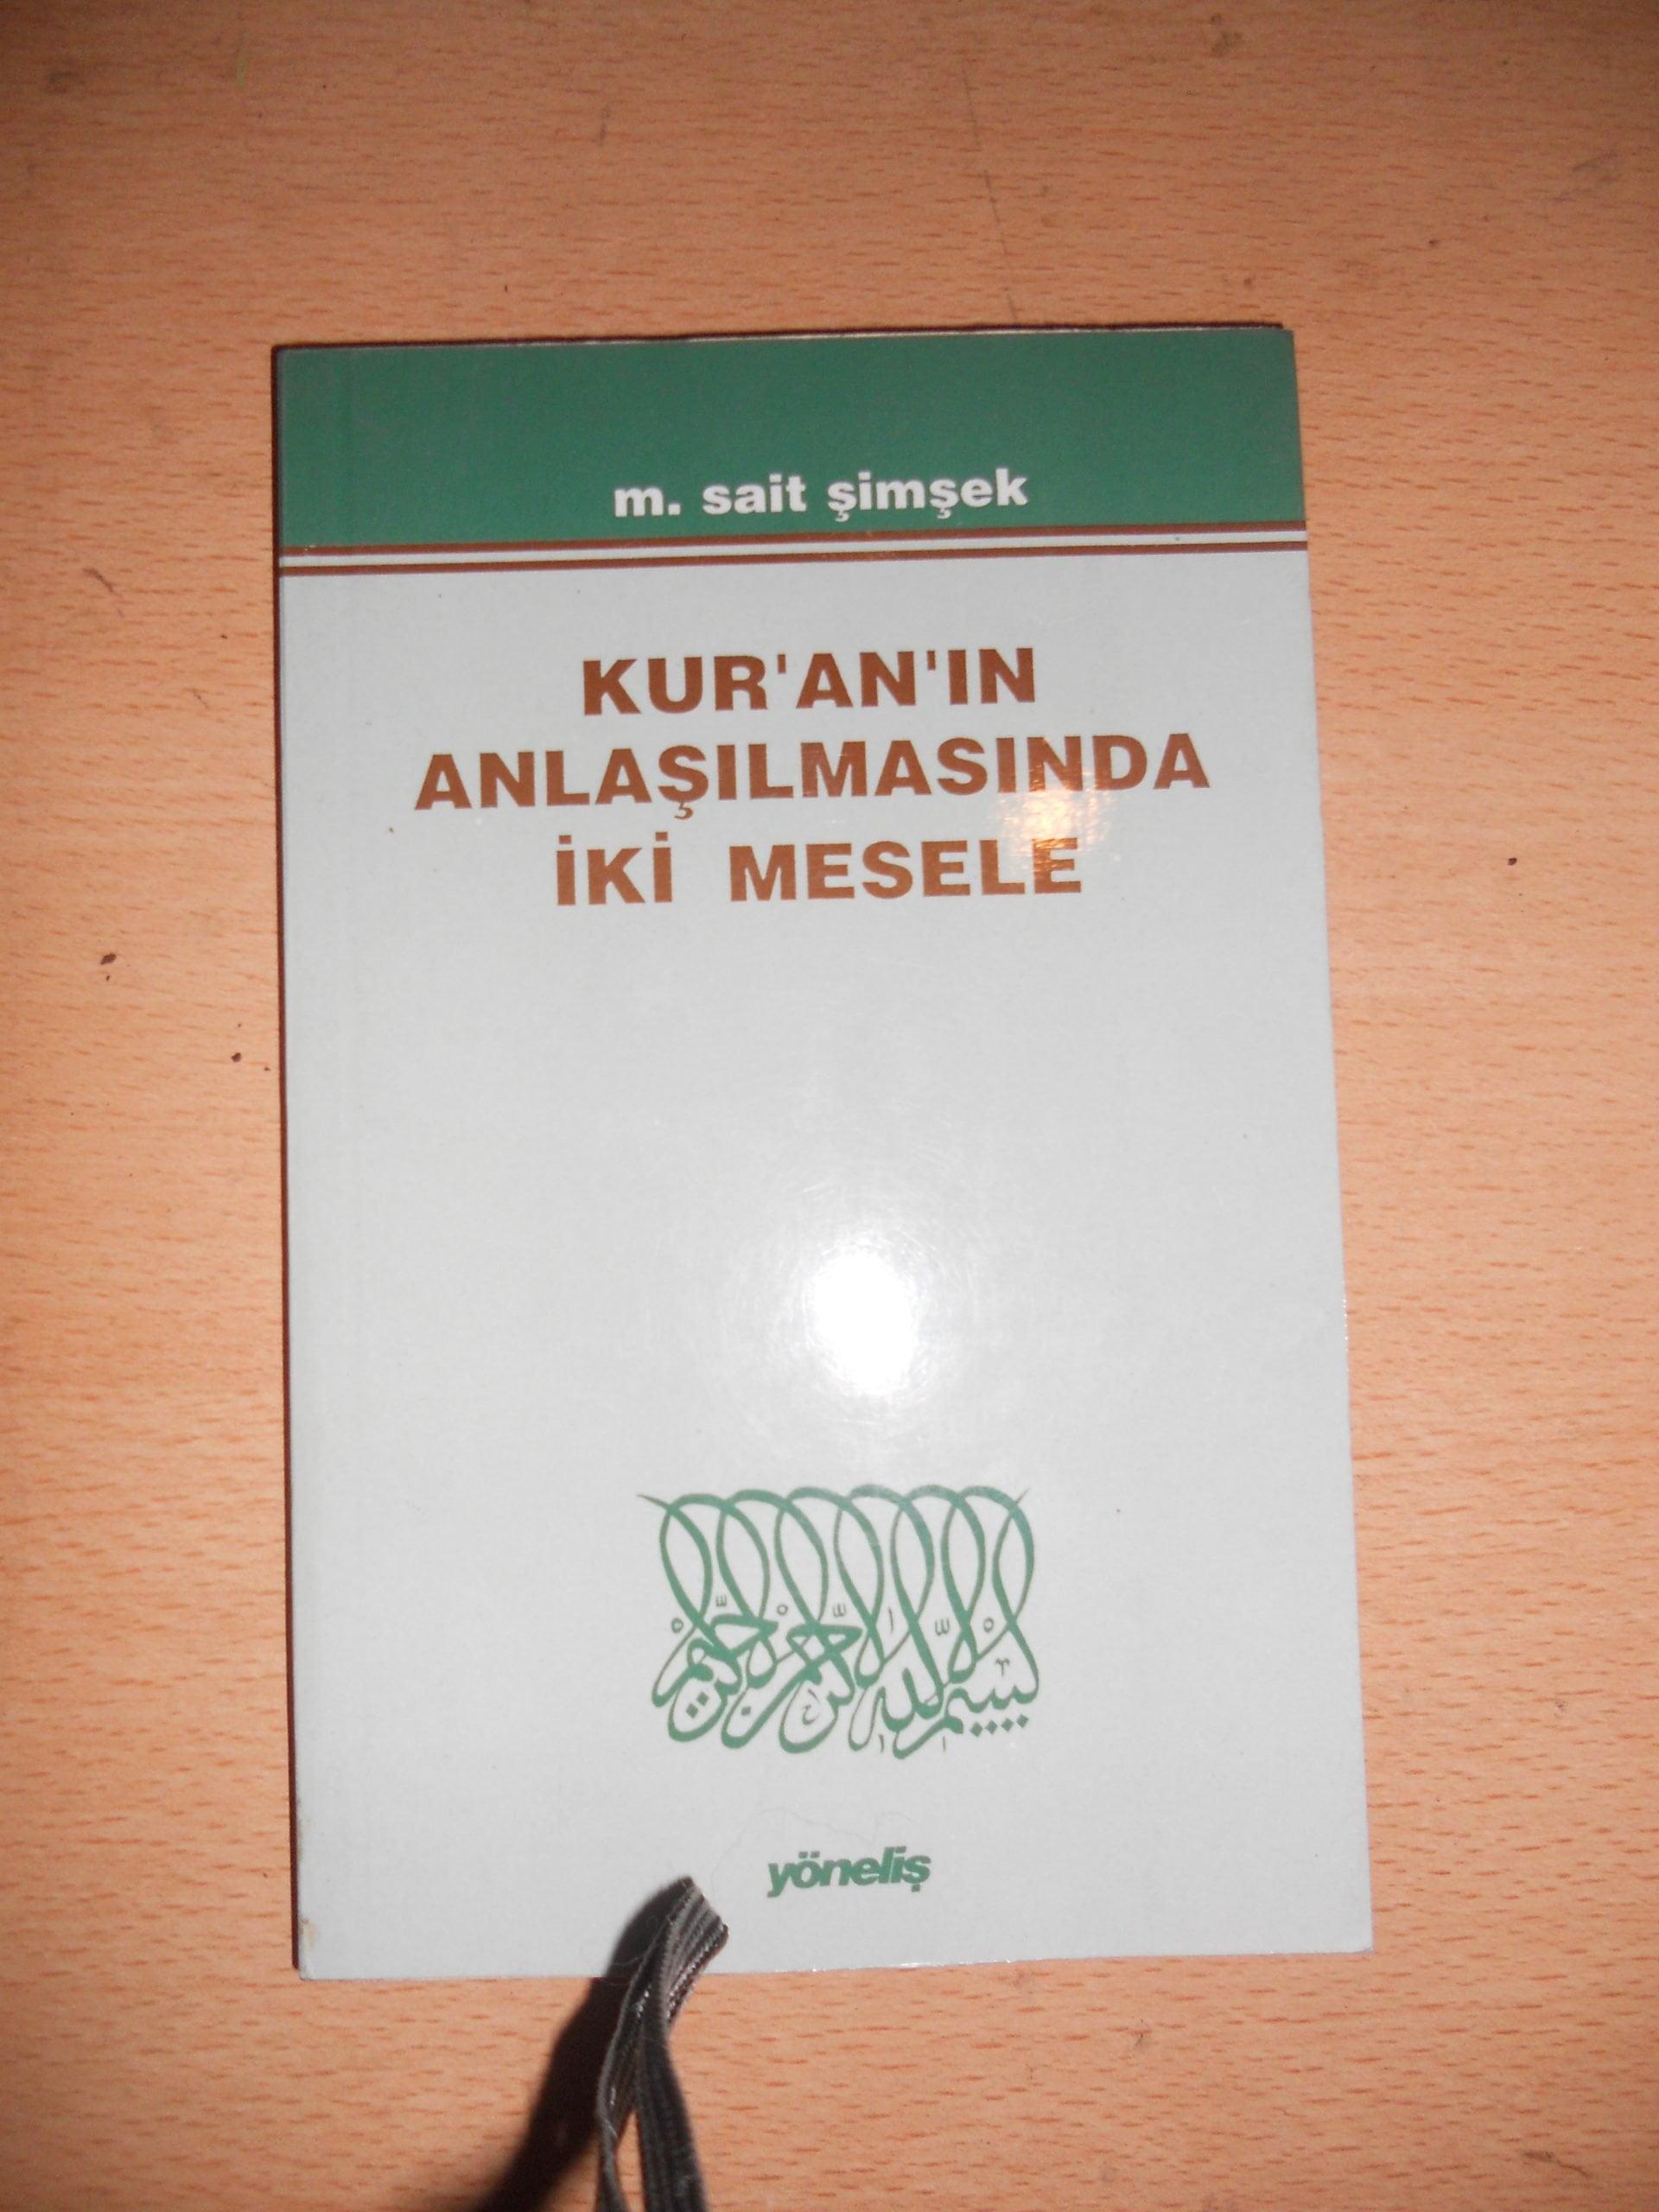 KUR'AN'IN ANLAŞILMASINDA İKİ MESELE / M.Sait ŞİMŞEK/10 TL